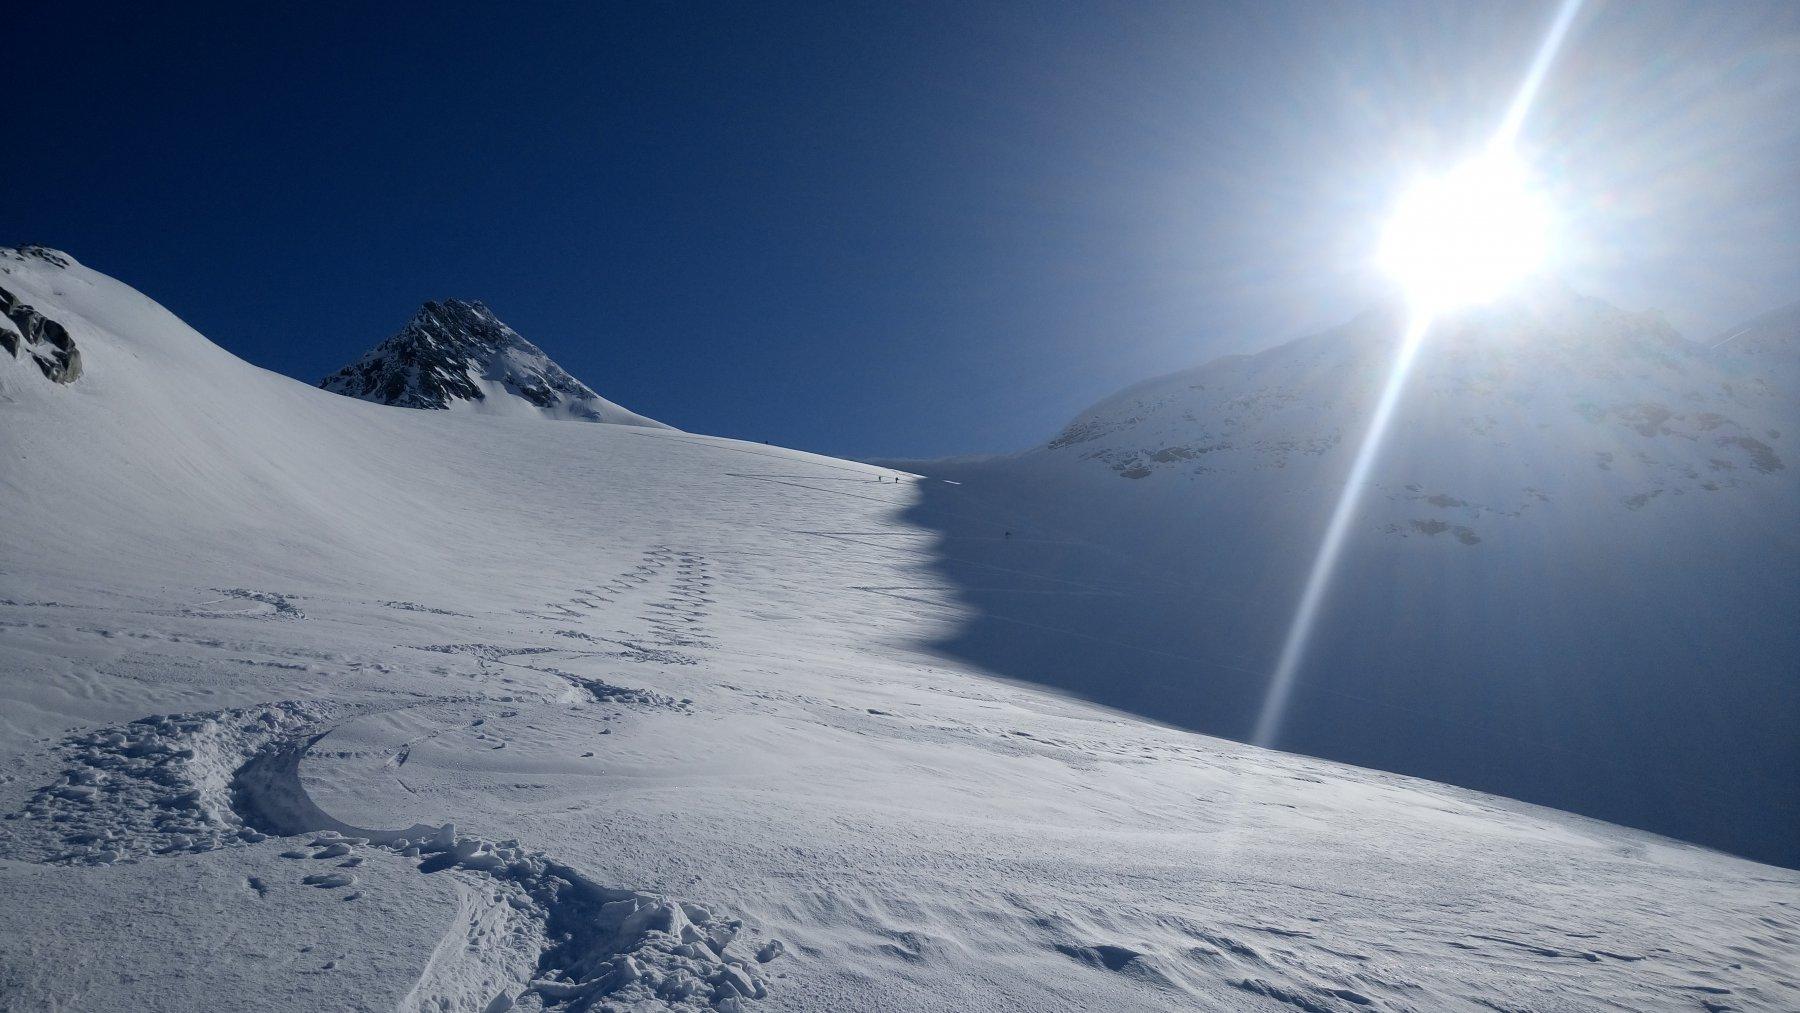 Le nostre firme sul piccolo ghiacciaio